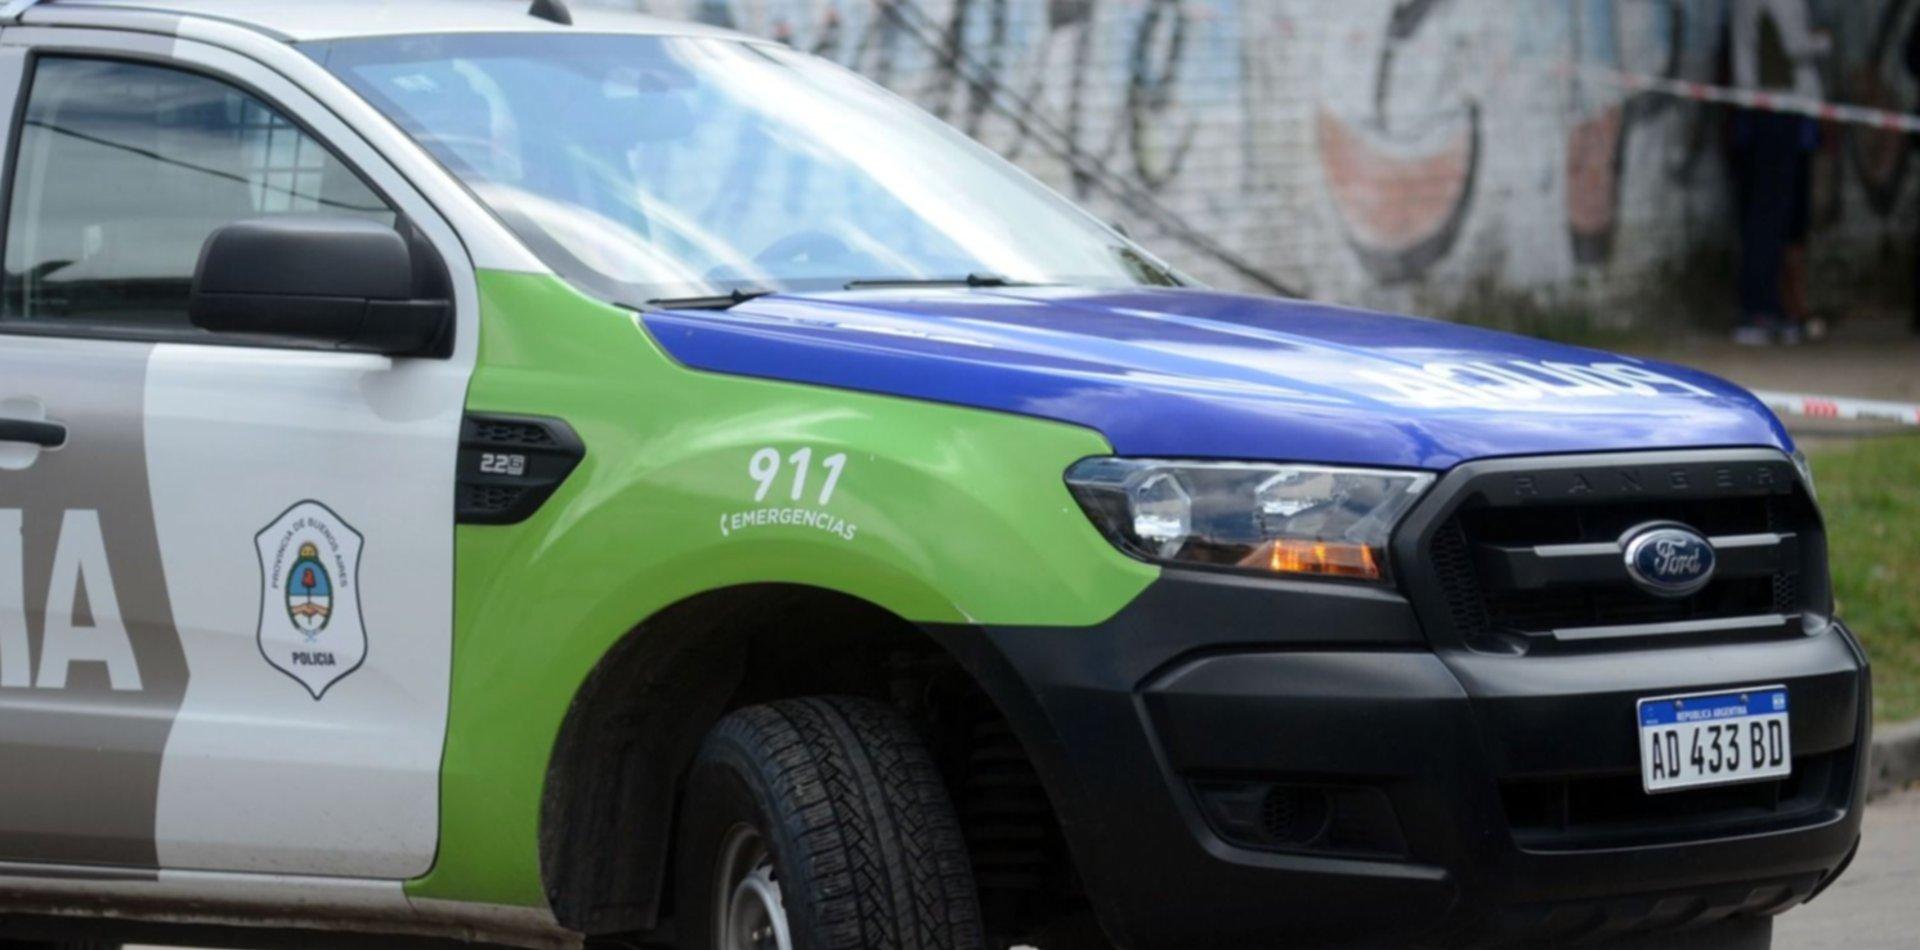 Tres robos en 48 horas, el preocupante récord de un hombre blanco de ladrones en Berisso